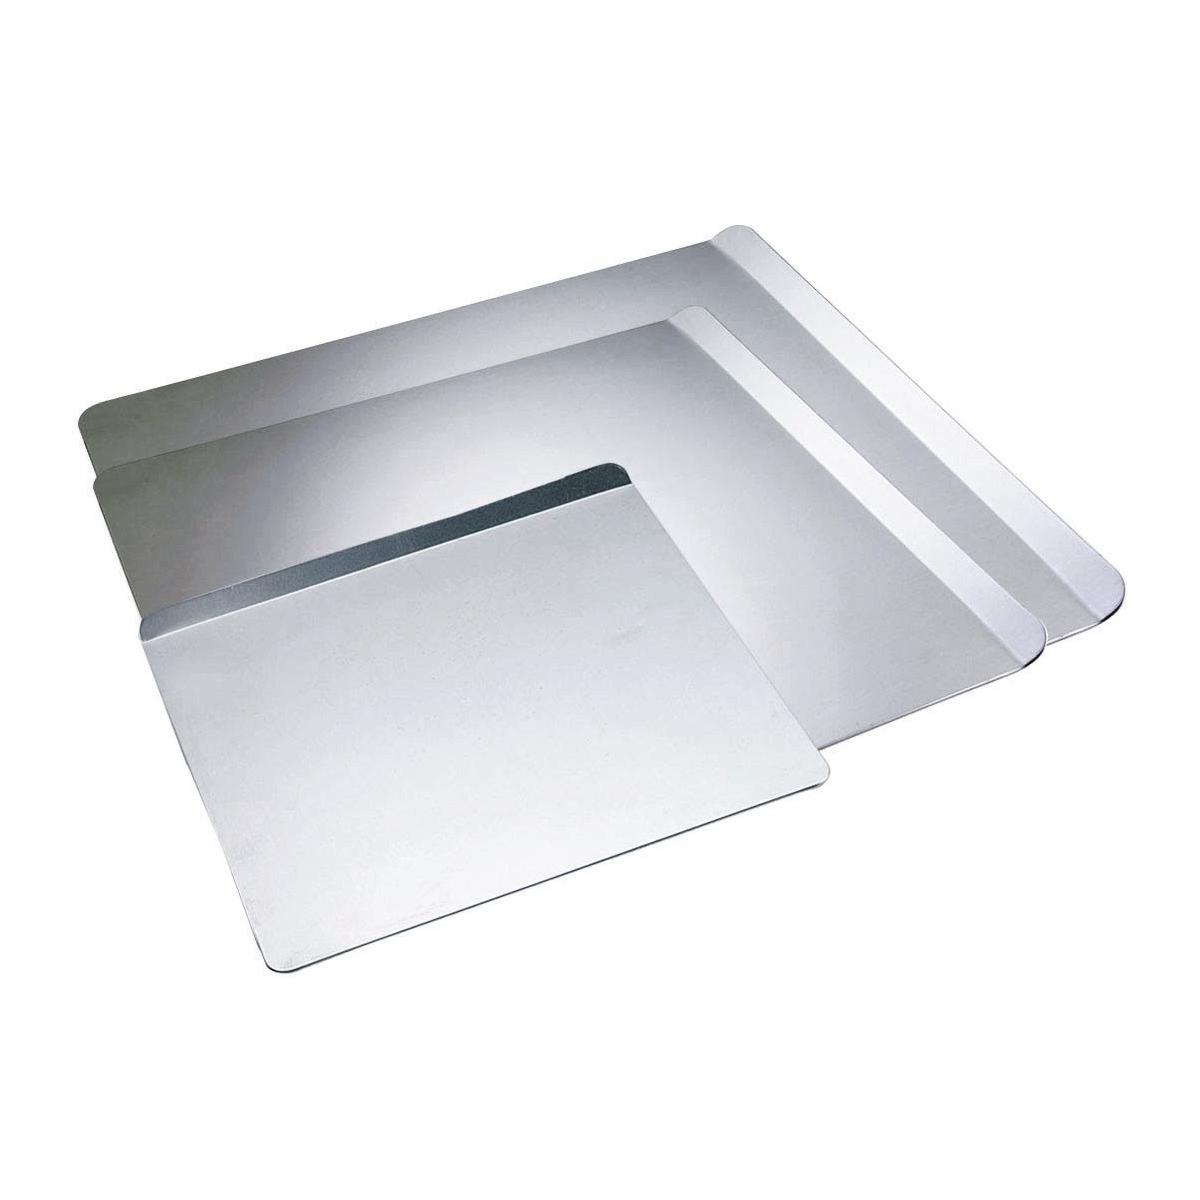 T-Fal Air Bake 3 Piece Aluminum Cookie Sheet Set